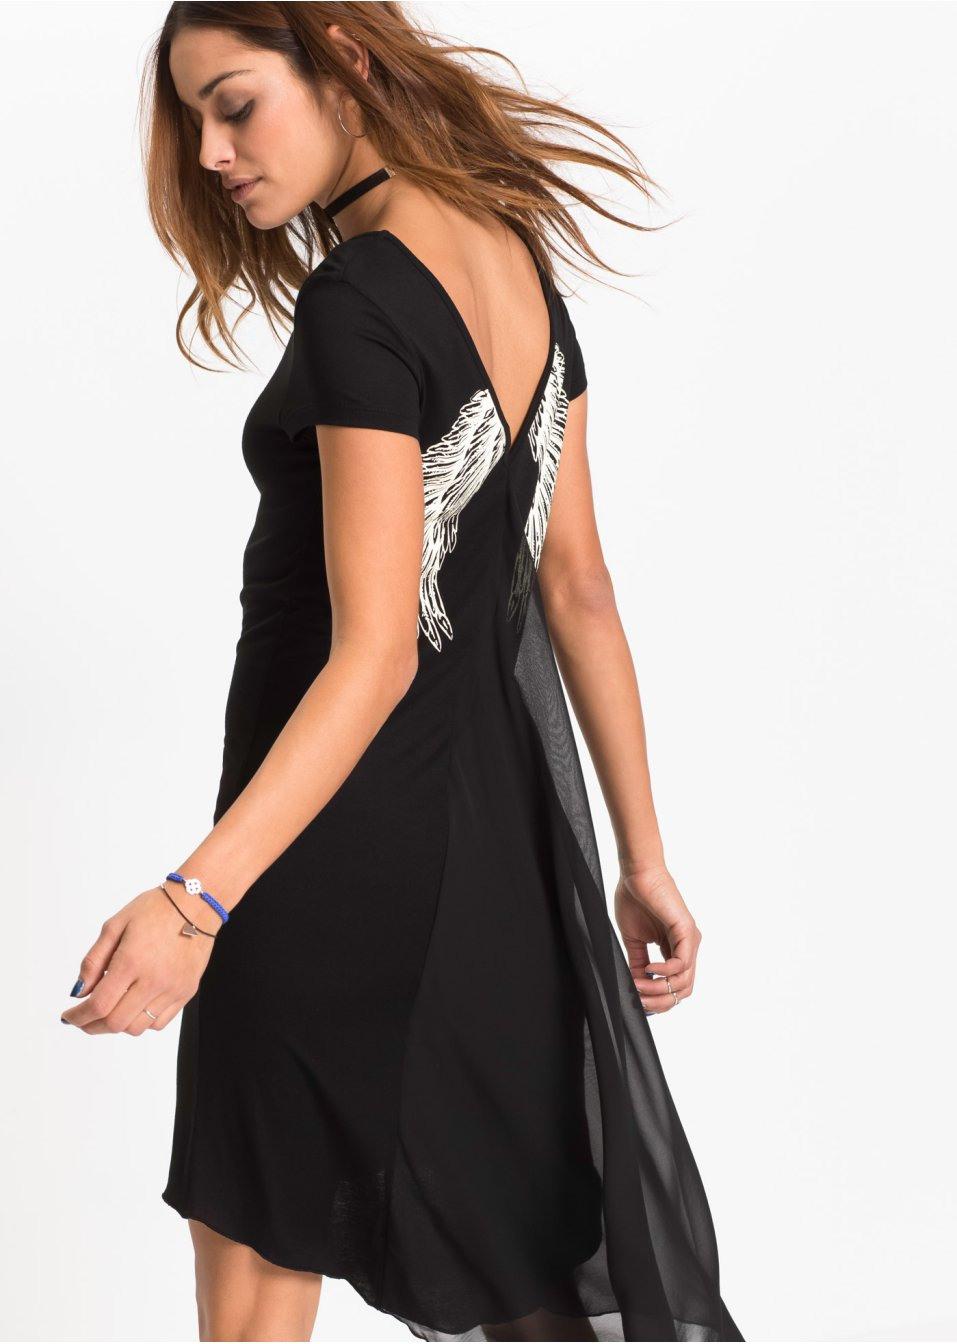 Kurzärmliges Shirtkleid Mit Chiffon Und Vförmigem Ausschnitt  Schwarz Bedruckt